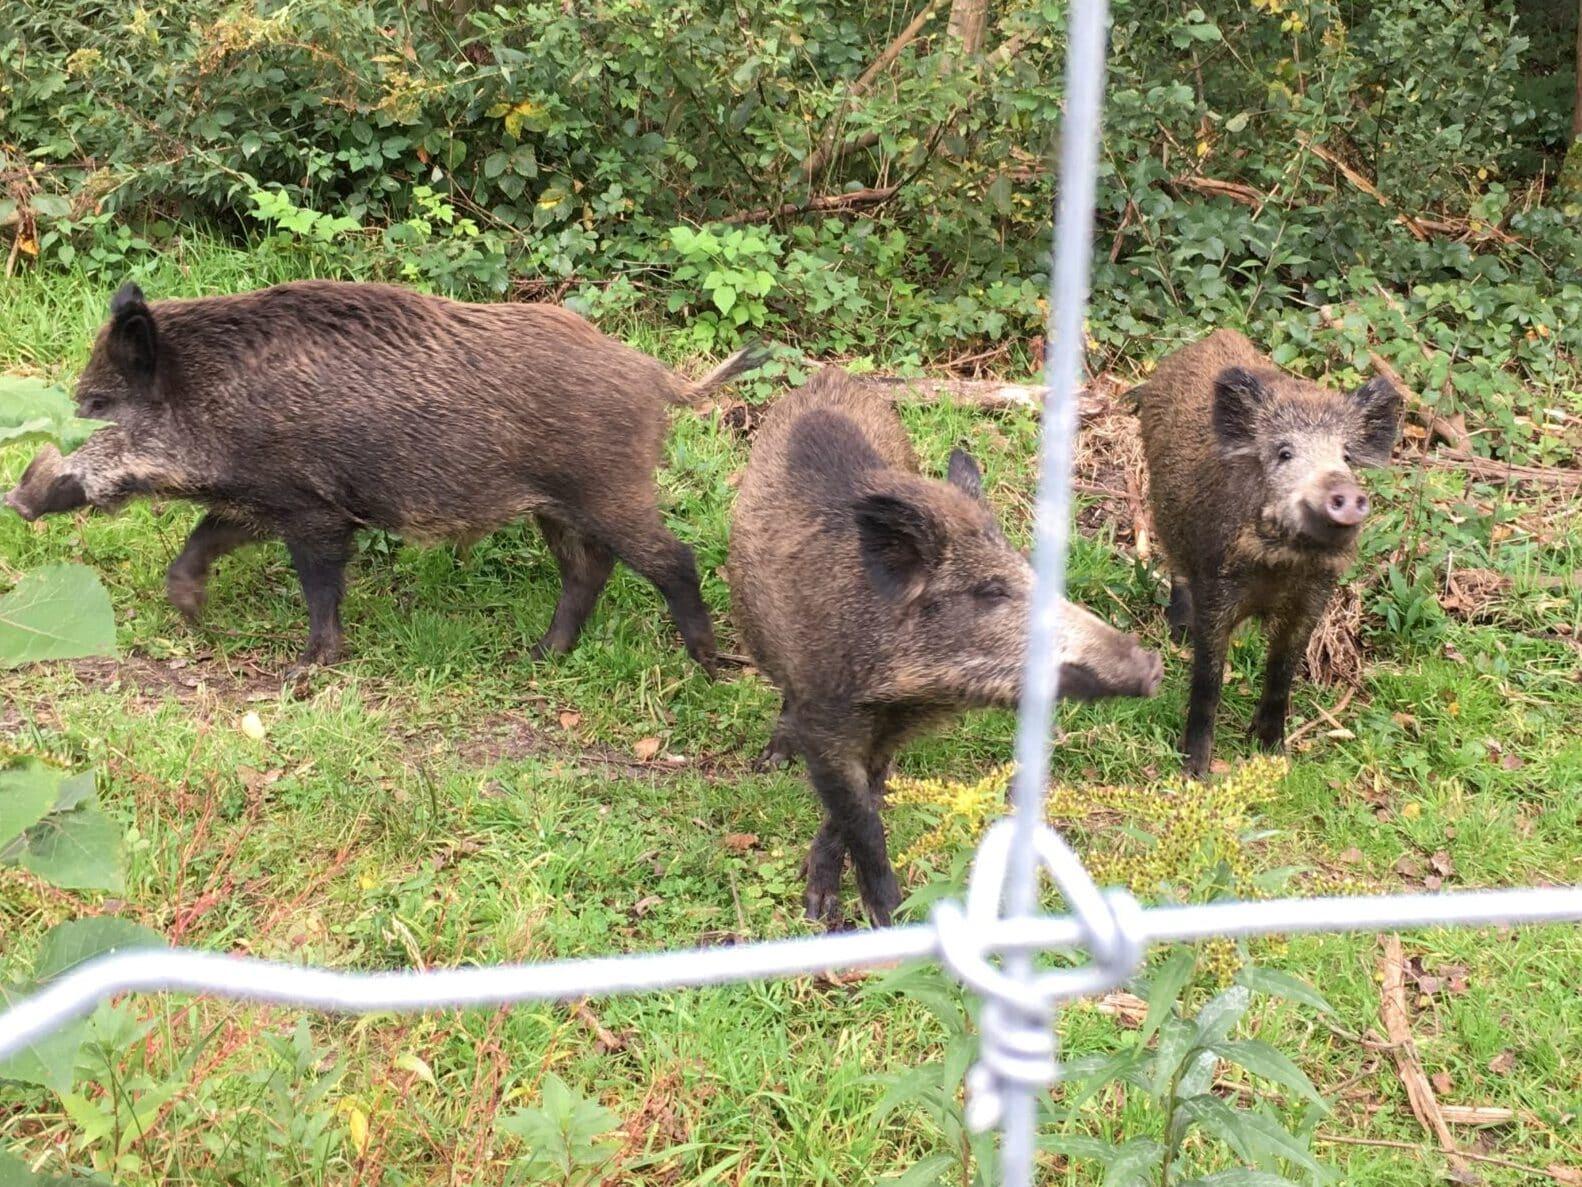 ASP Schutzzaun Wildschwein Tierseuchenvorsorge